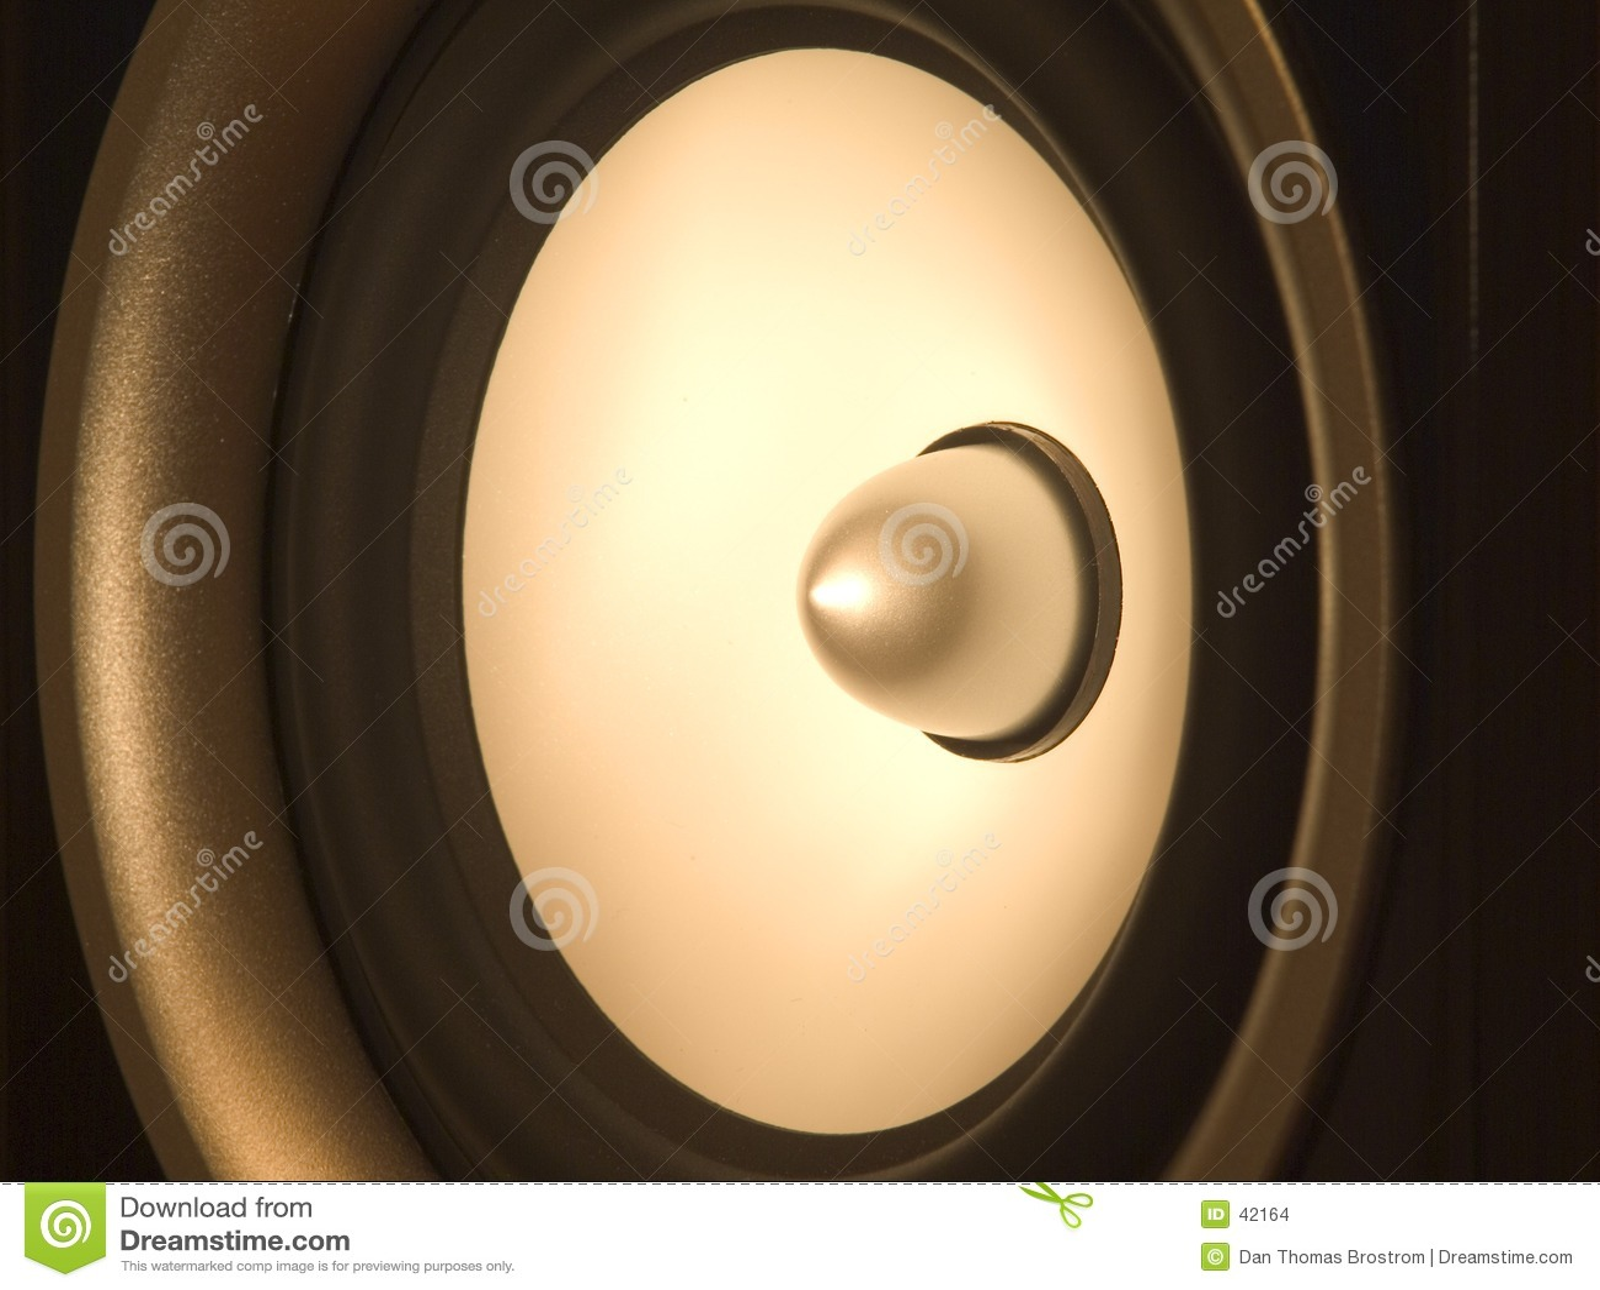 Ljudsignal högtalare